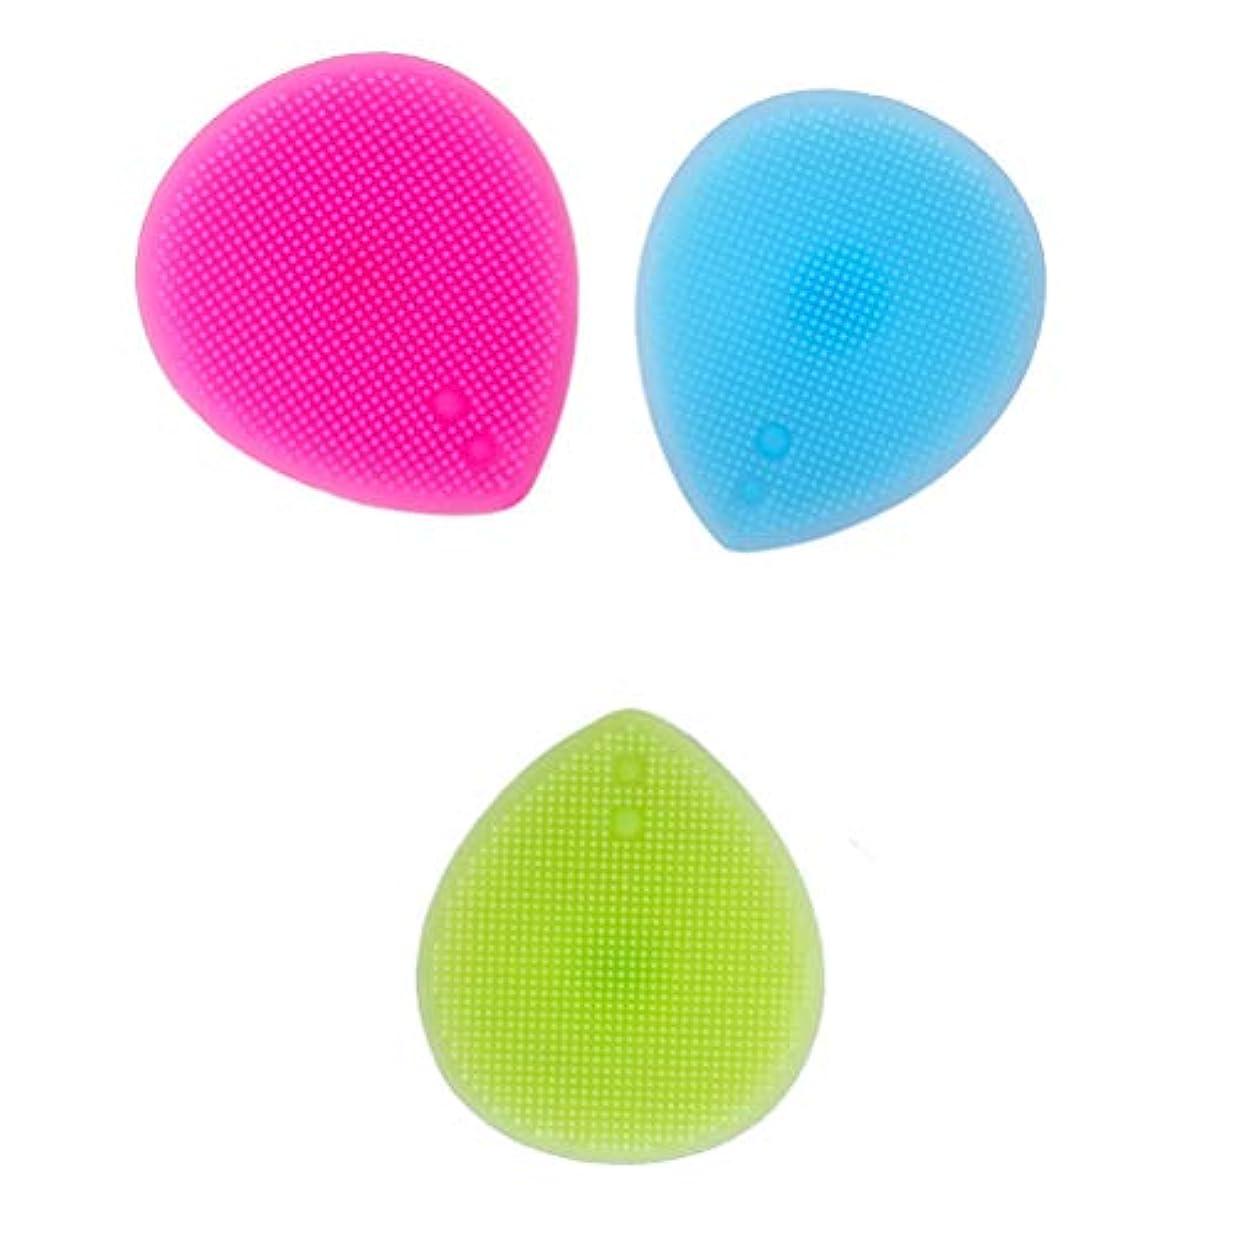 説得レンディションストリップLurrose 3PCSシリコーンフェイシャルクレンジングブラシ手動フェイシャルマッサージブラシ女性用(ブルー+バラ色+グリーン)